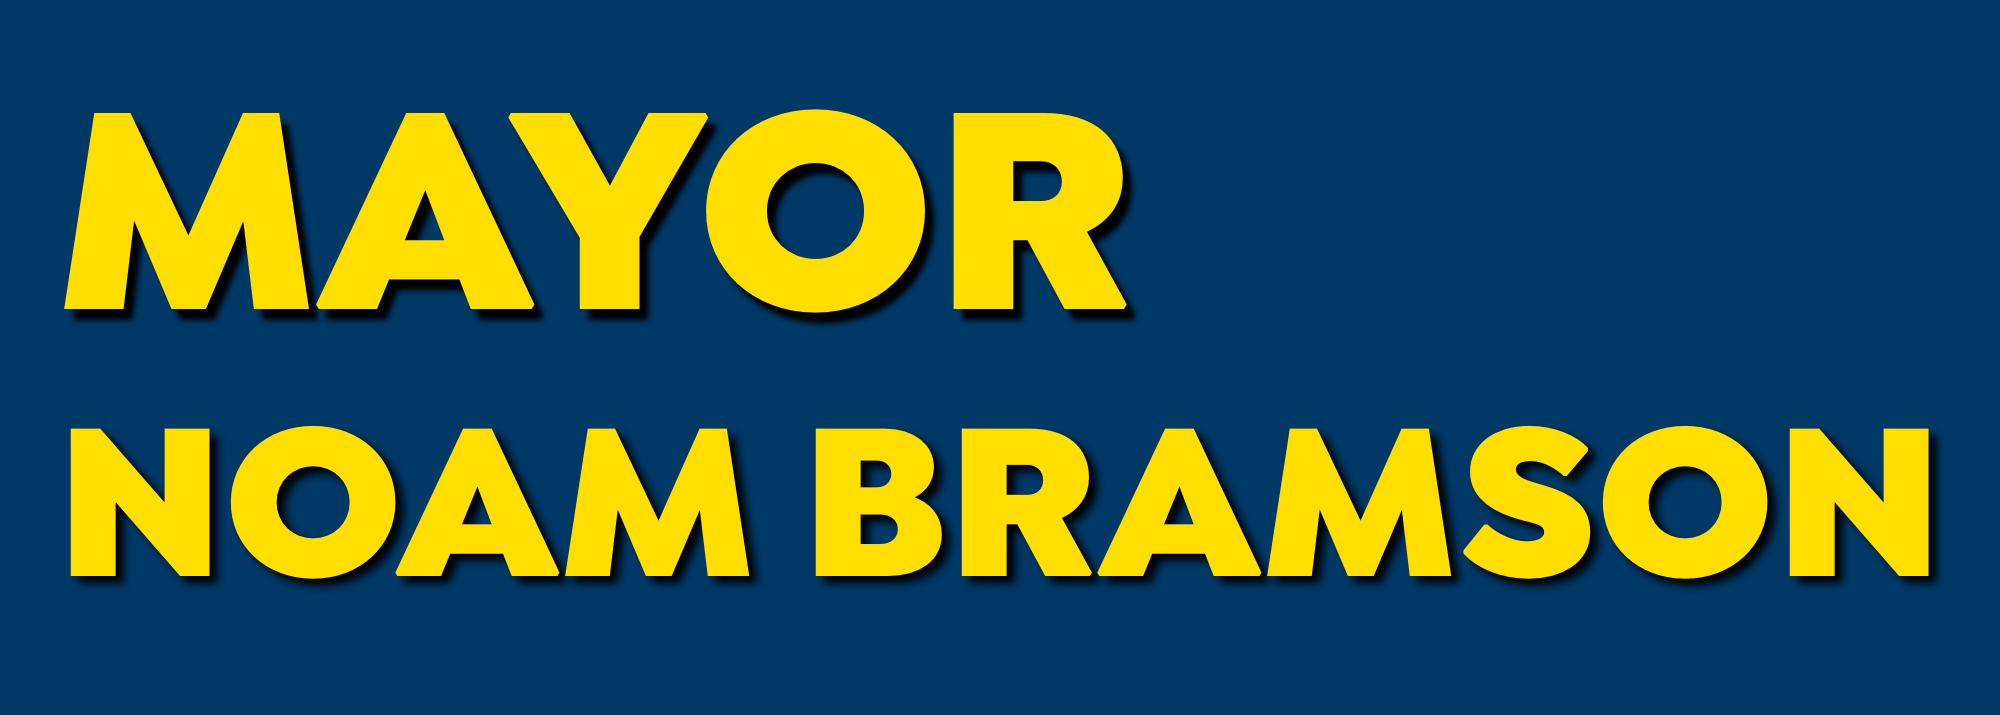 Mayor Noam Bramson